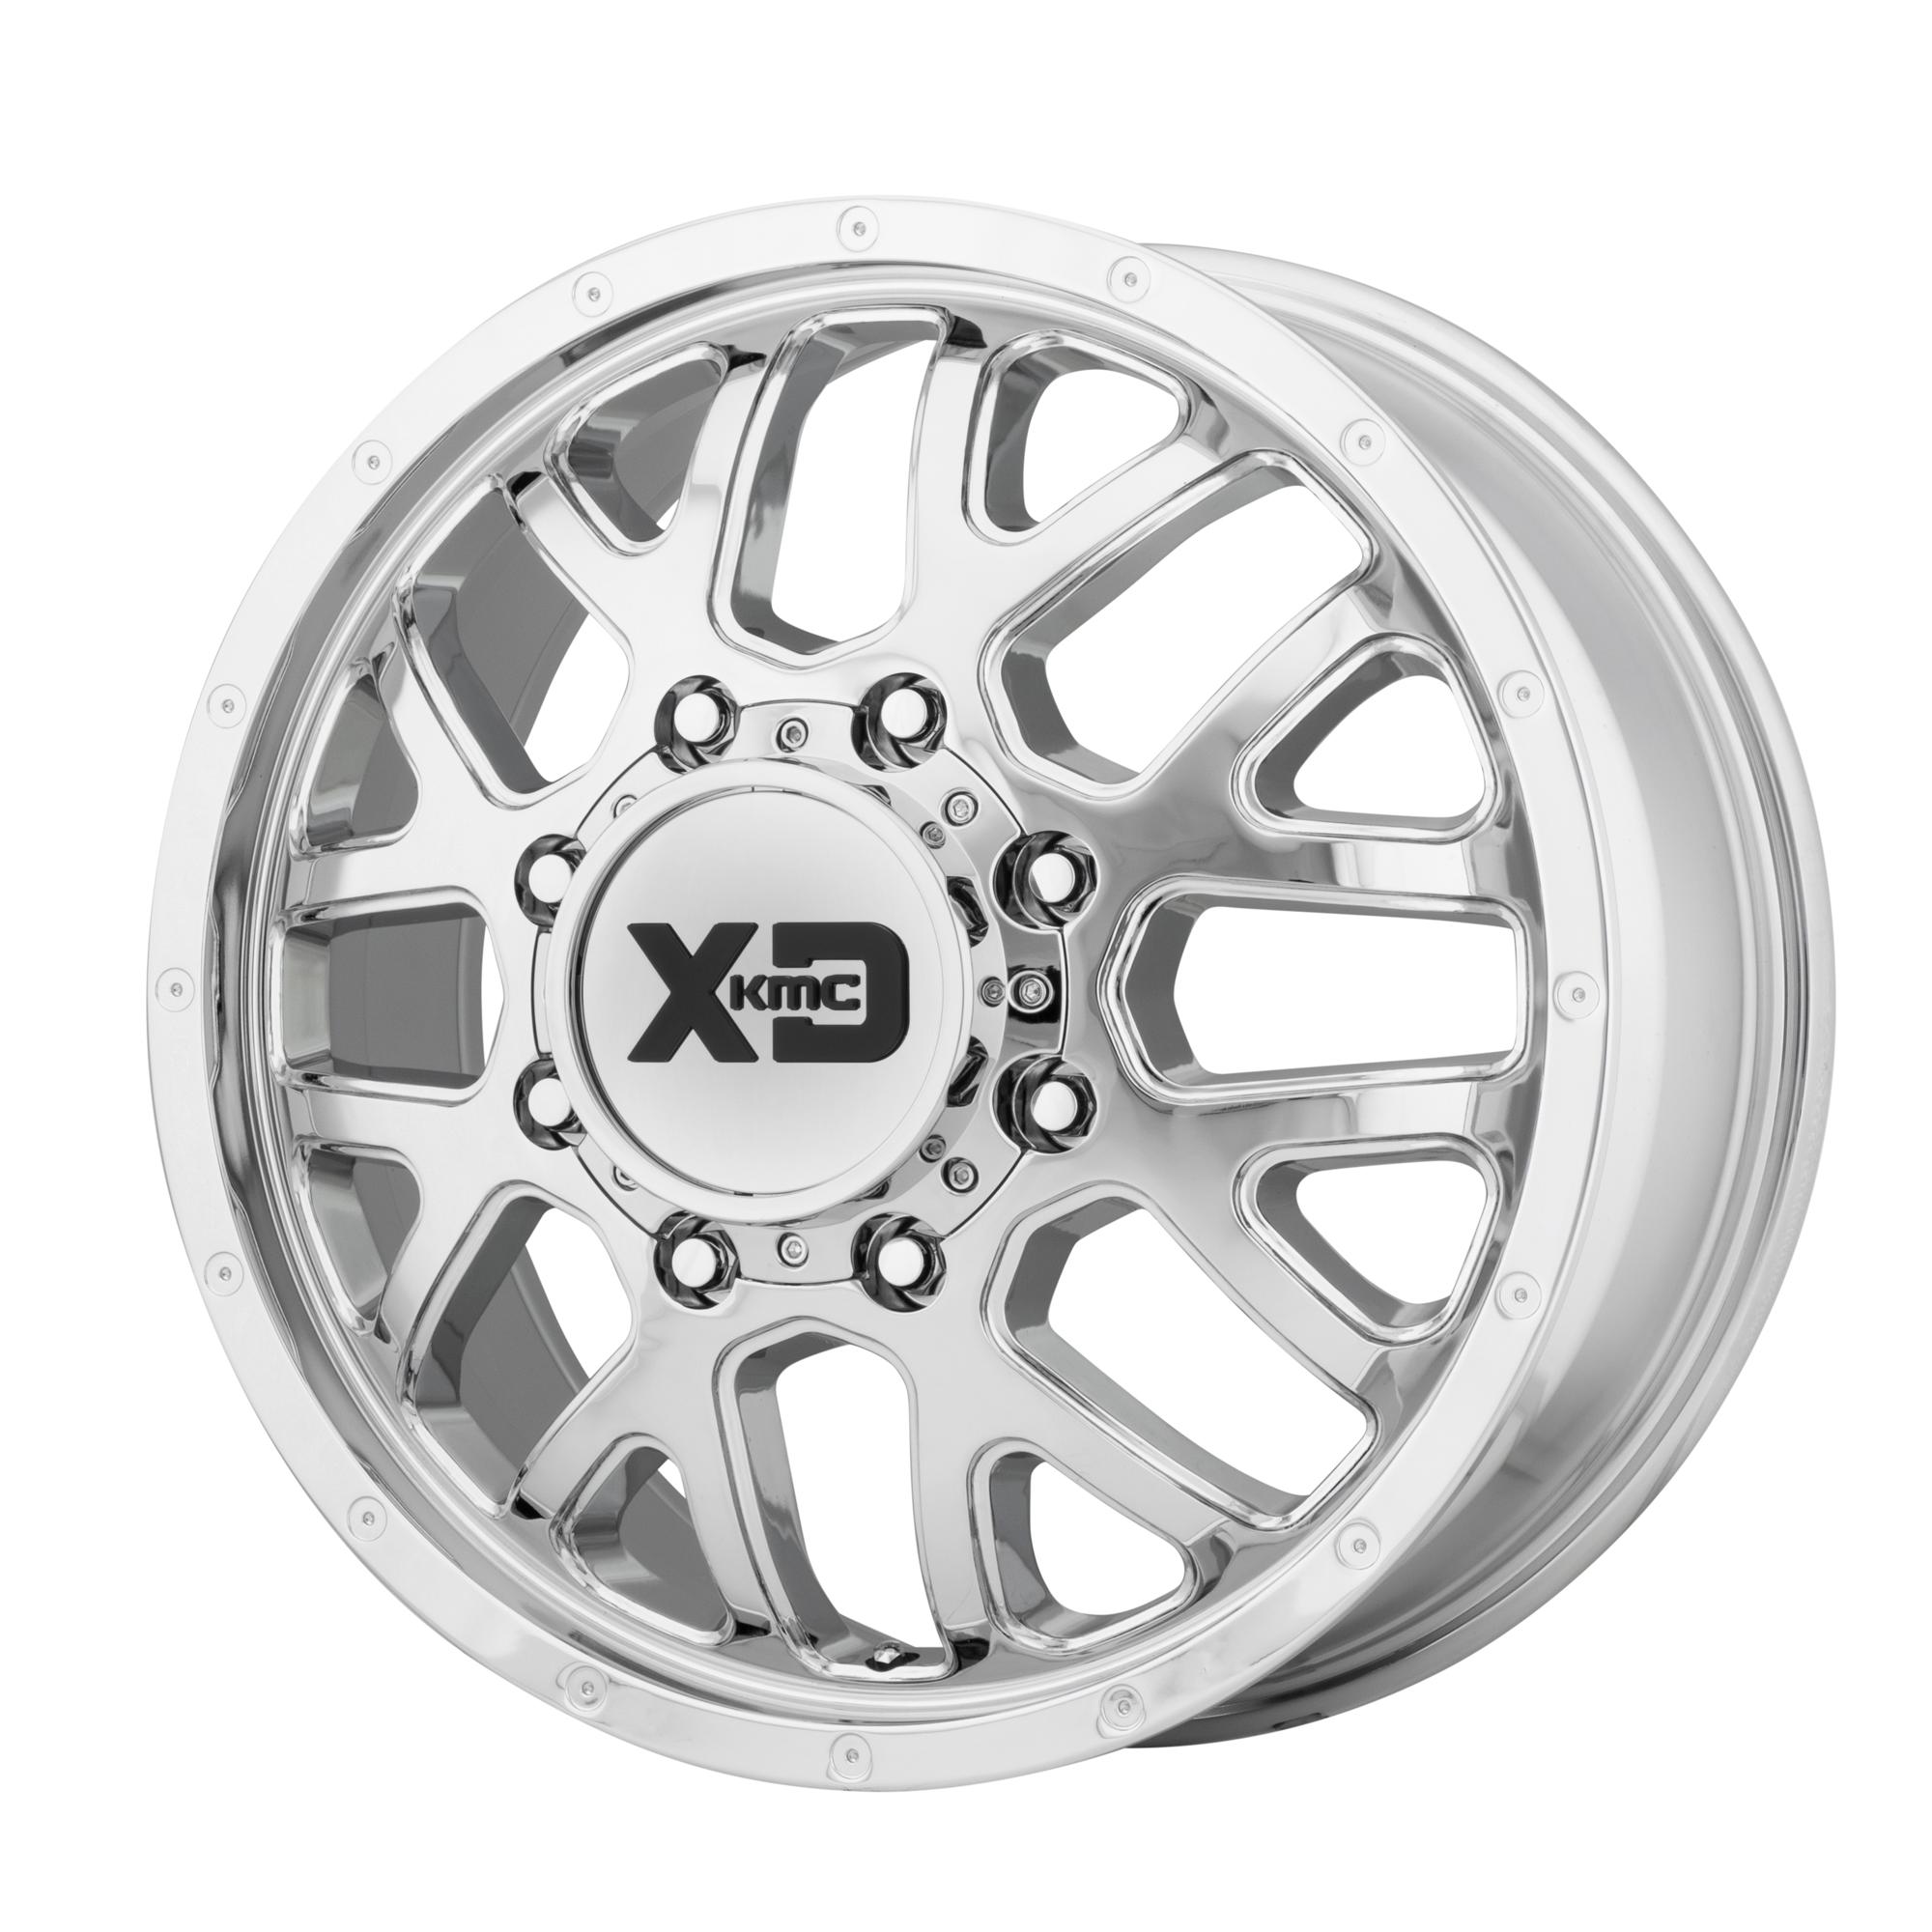 XD SERIES XD843 GRENADE DUALLY hliníkové disky 6,5x17 8x165,1 ET111 Chrome - Front